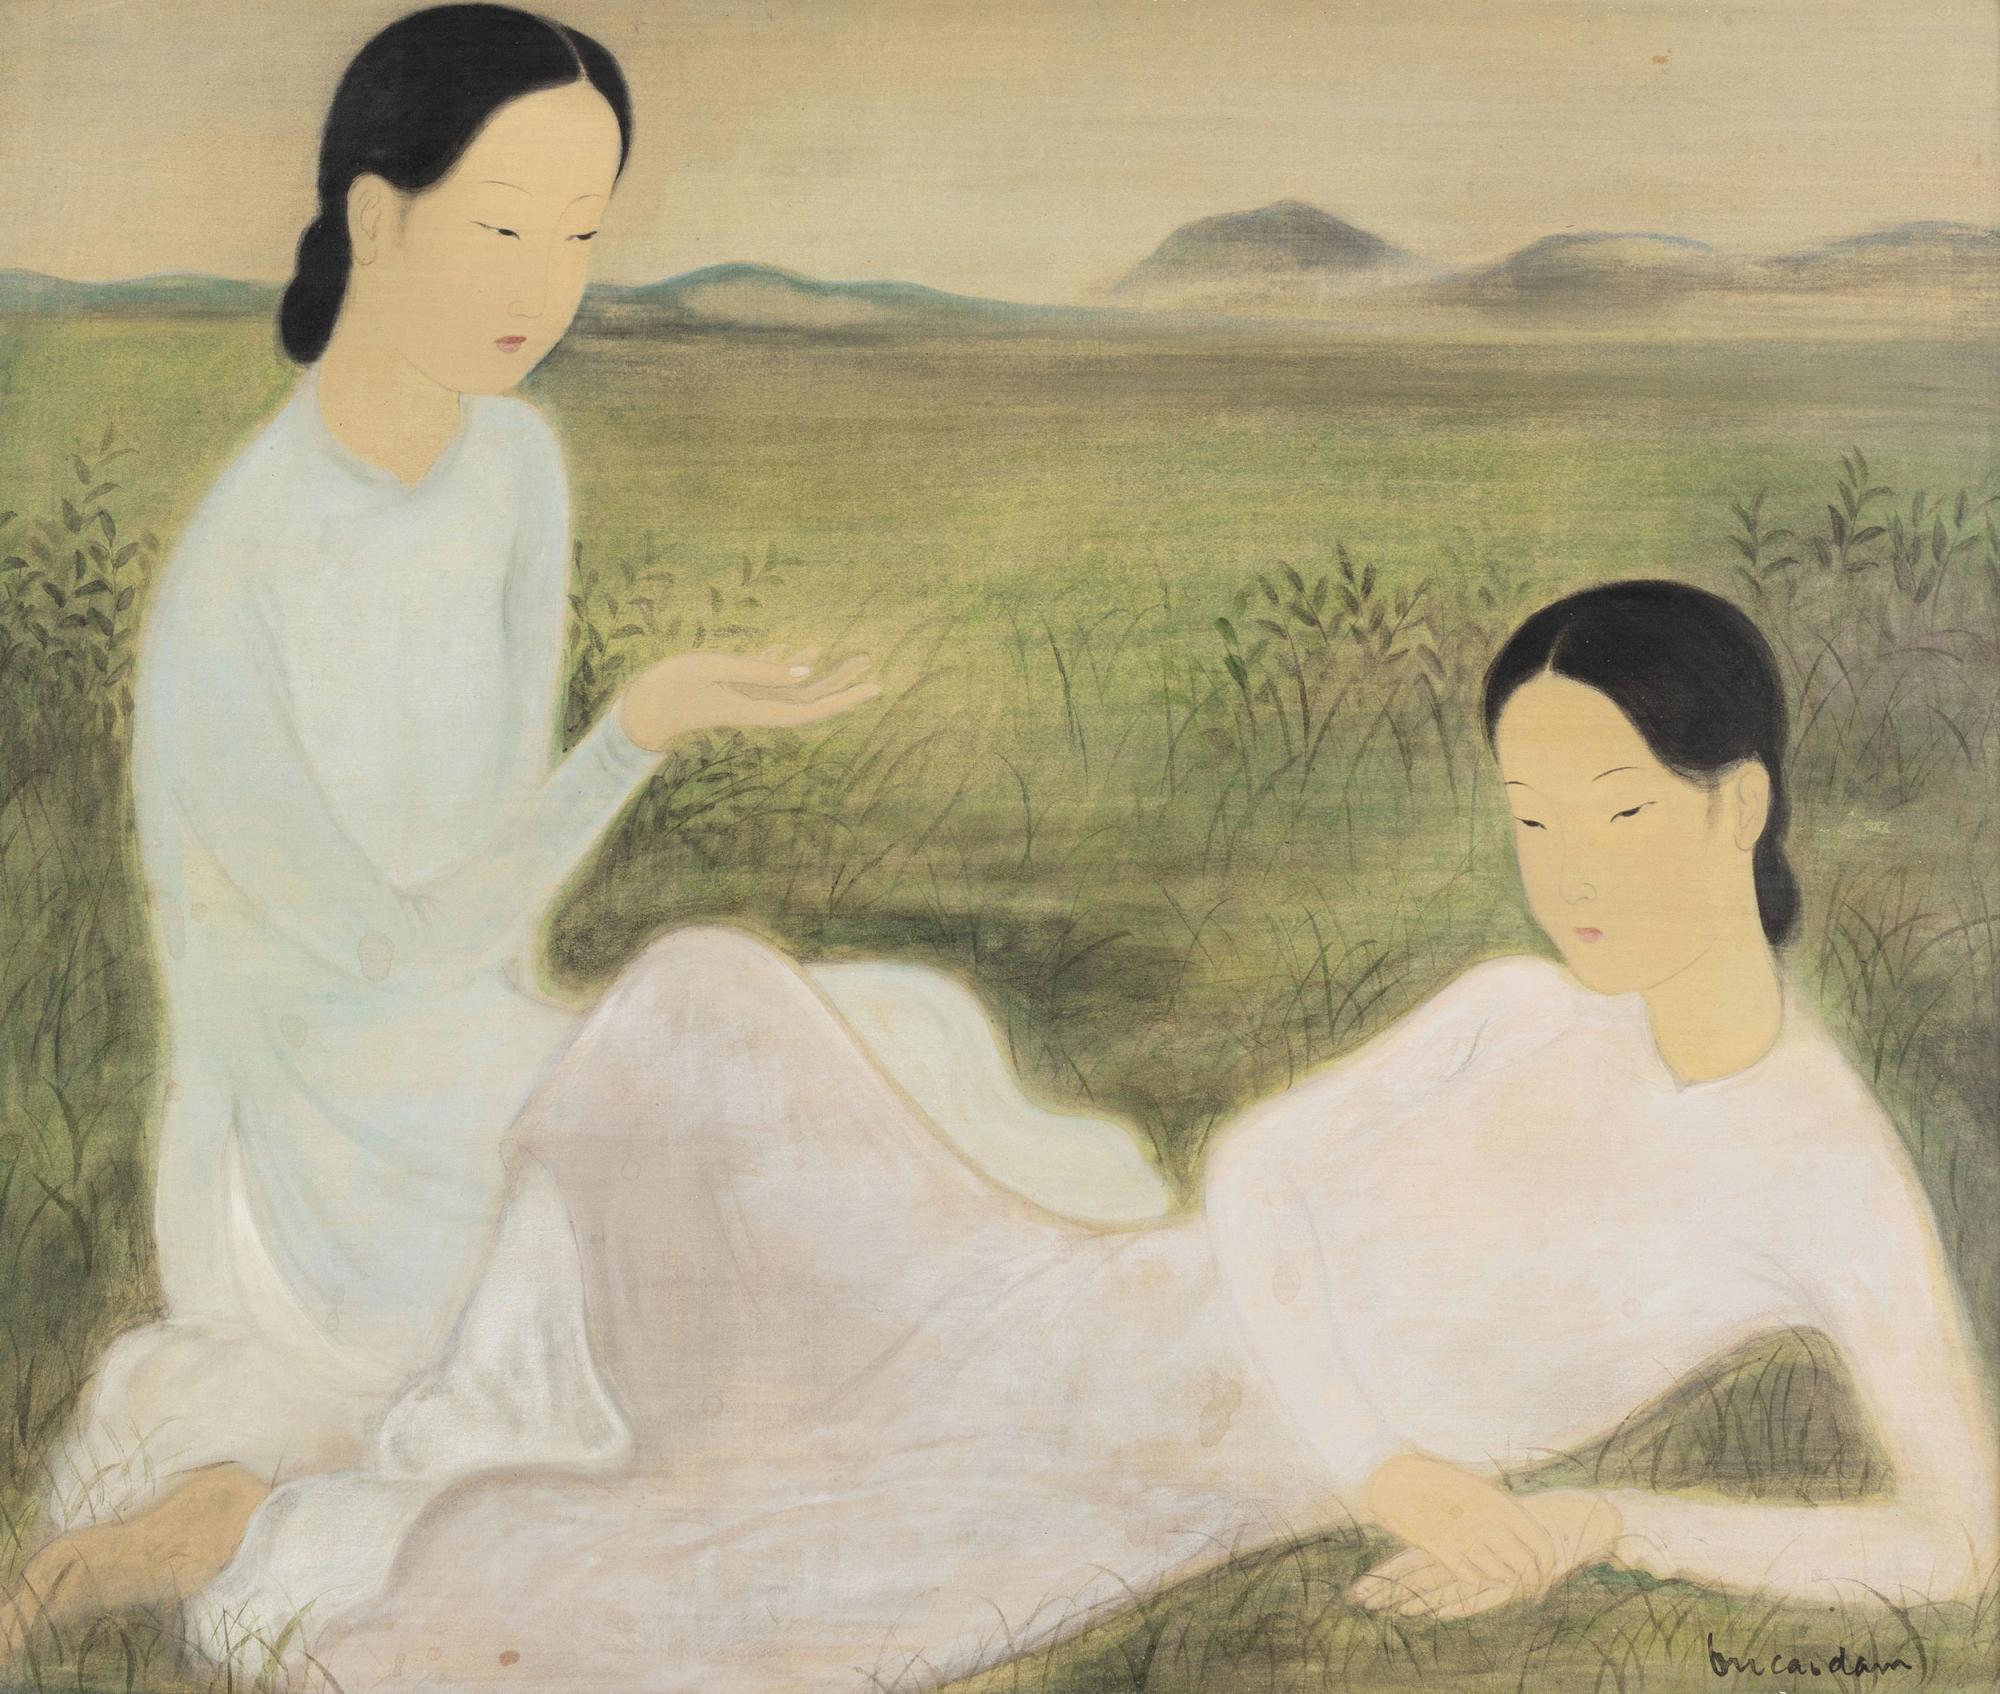 武高談《對話》,水墨水粉絹本,約一九四〇年代作,46 x 55 公分,估價:2,000,000 - 3,000,000 港元。